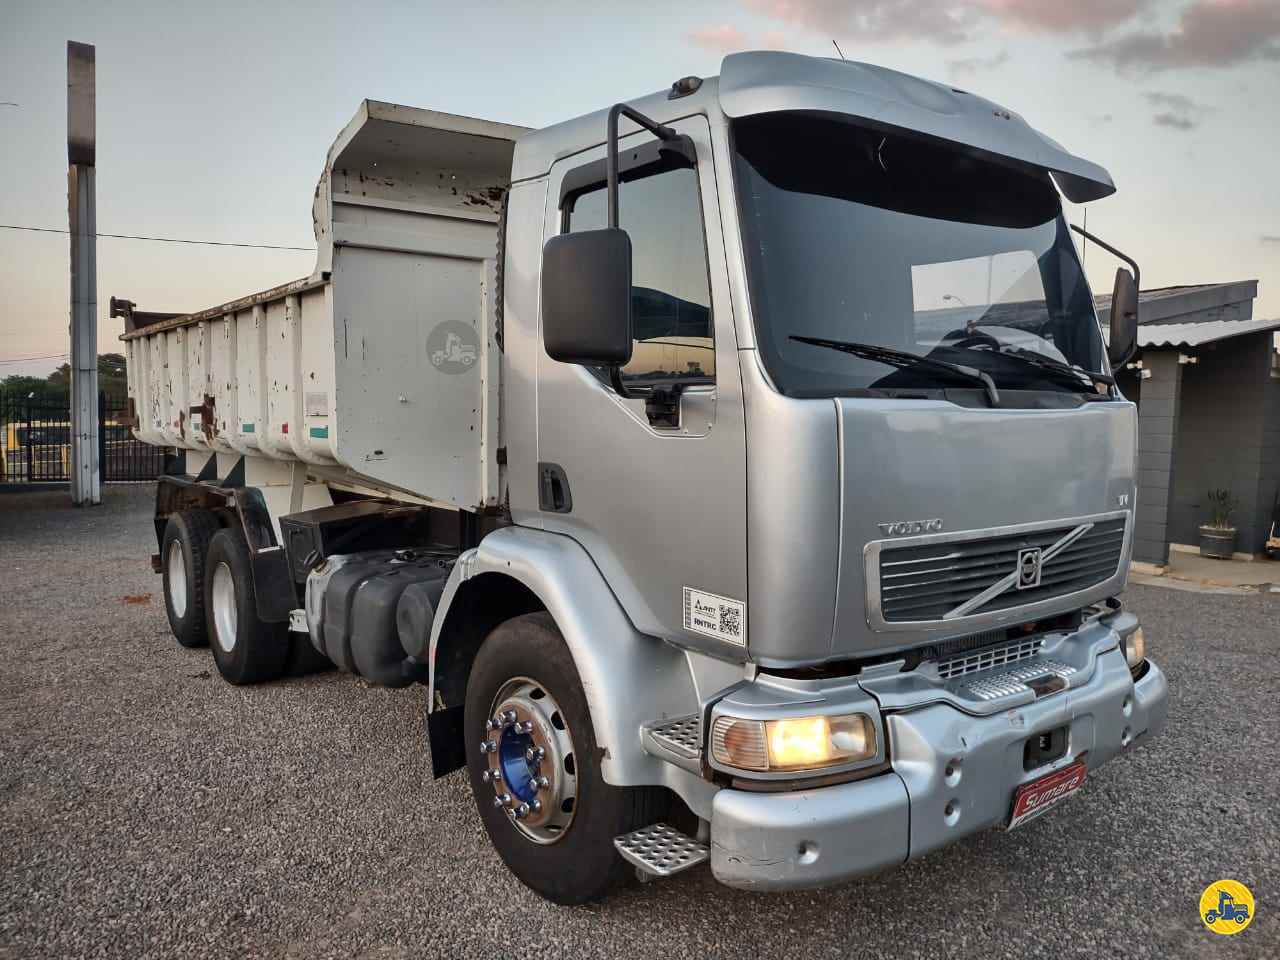 CAMINHAO VOLVO VOLVO VM 260 Caçamba Basculante Truck 6x2 Sumaré Caminhões SUMARE SÃO PAULO SP